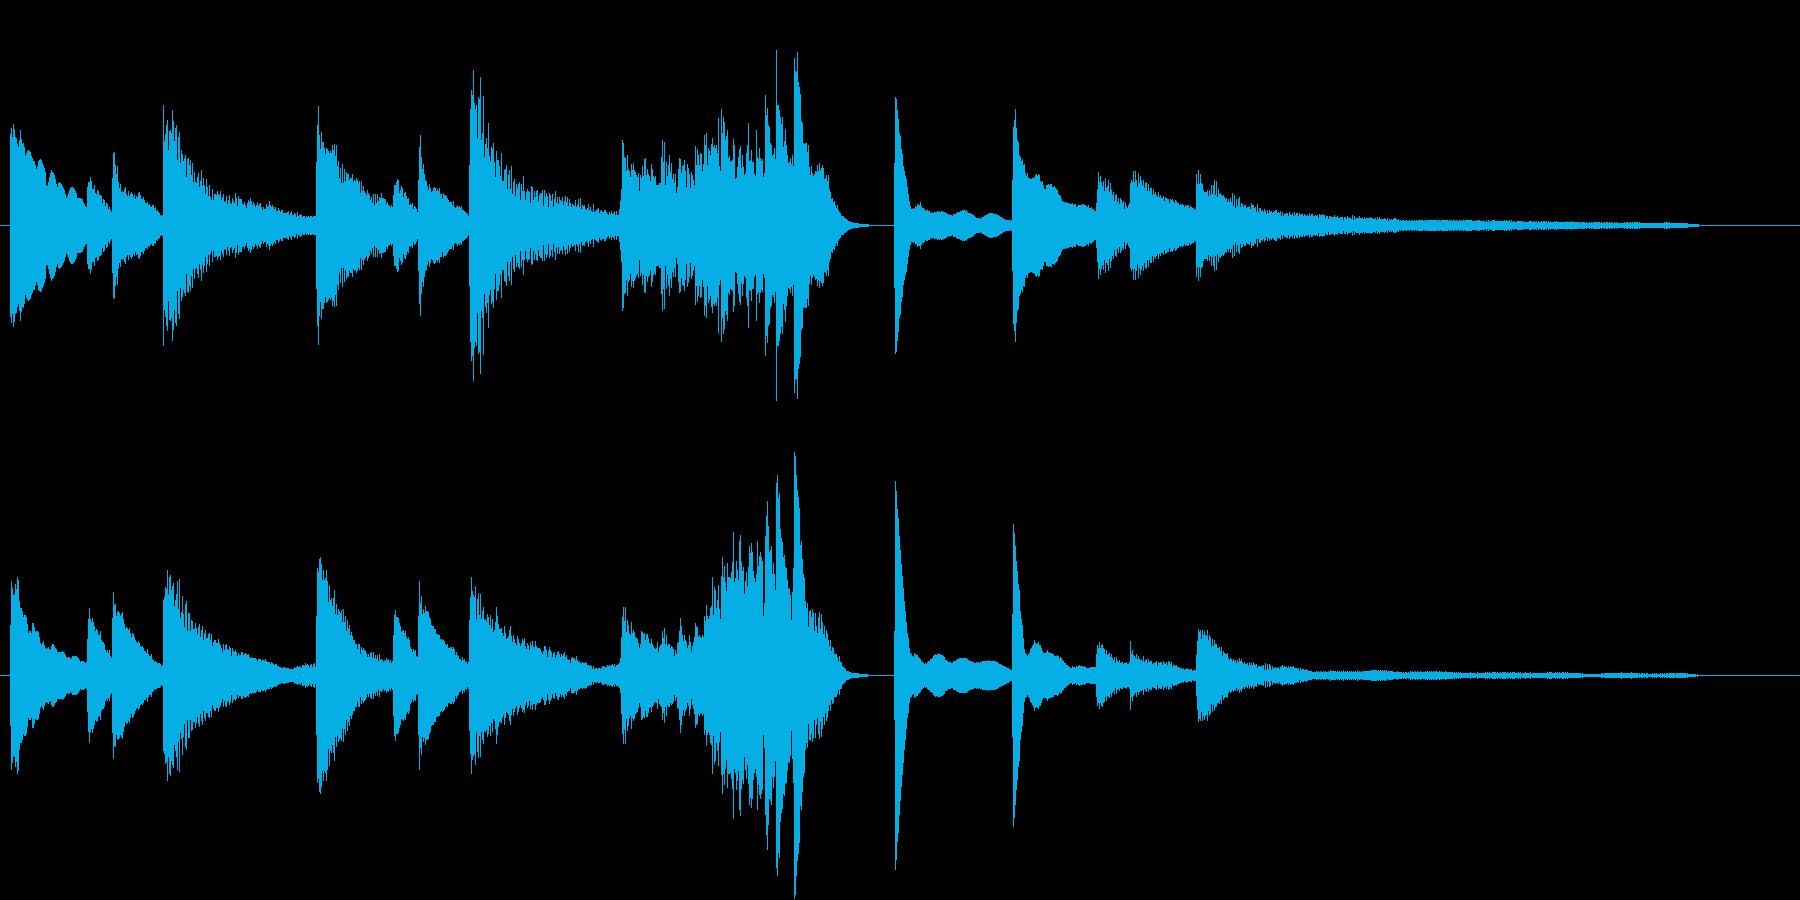 きよしこのよるモチーフのピアノジングルAの再生済みの波形